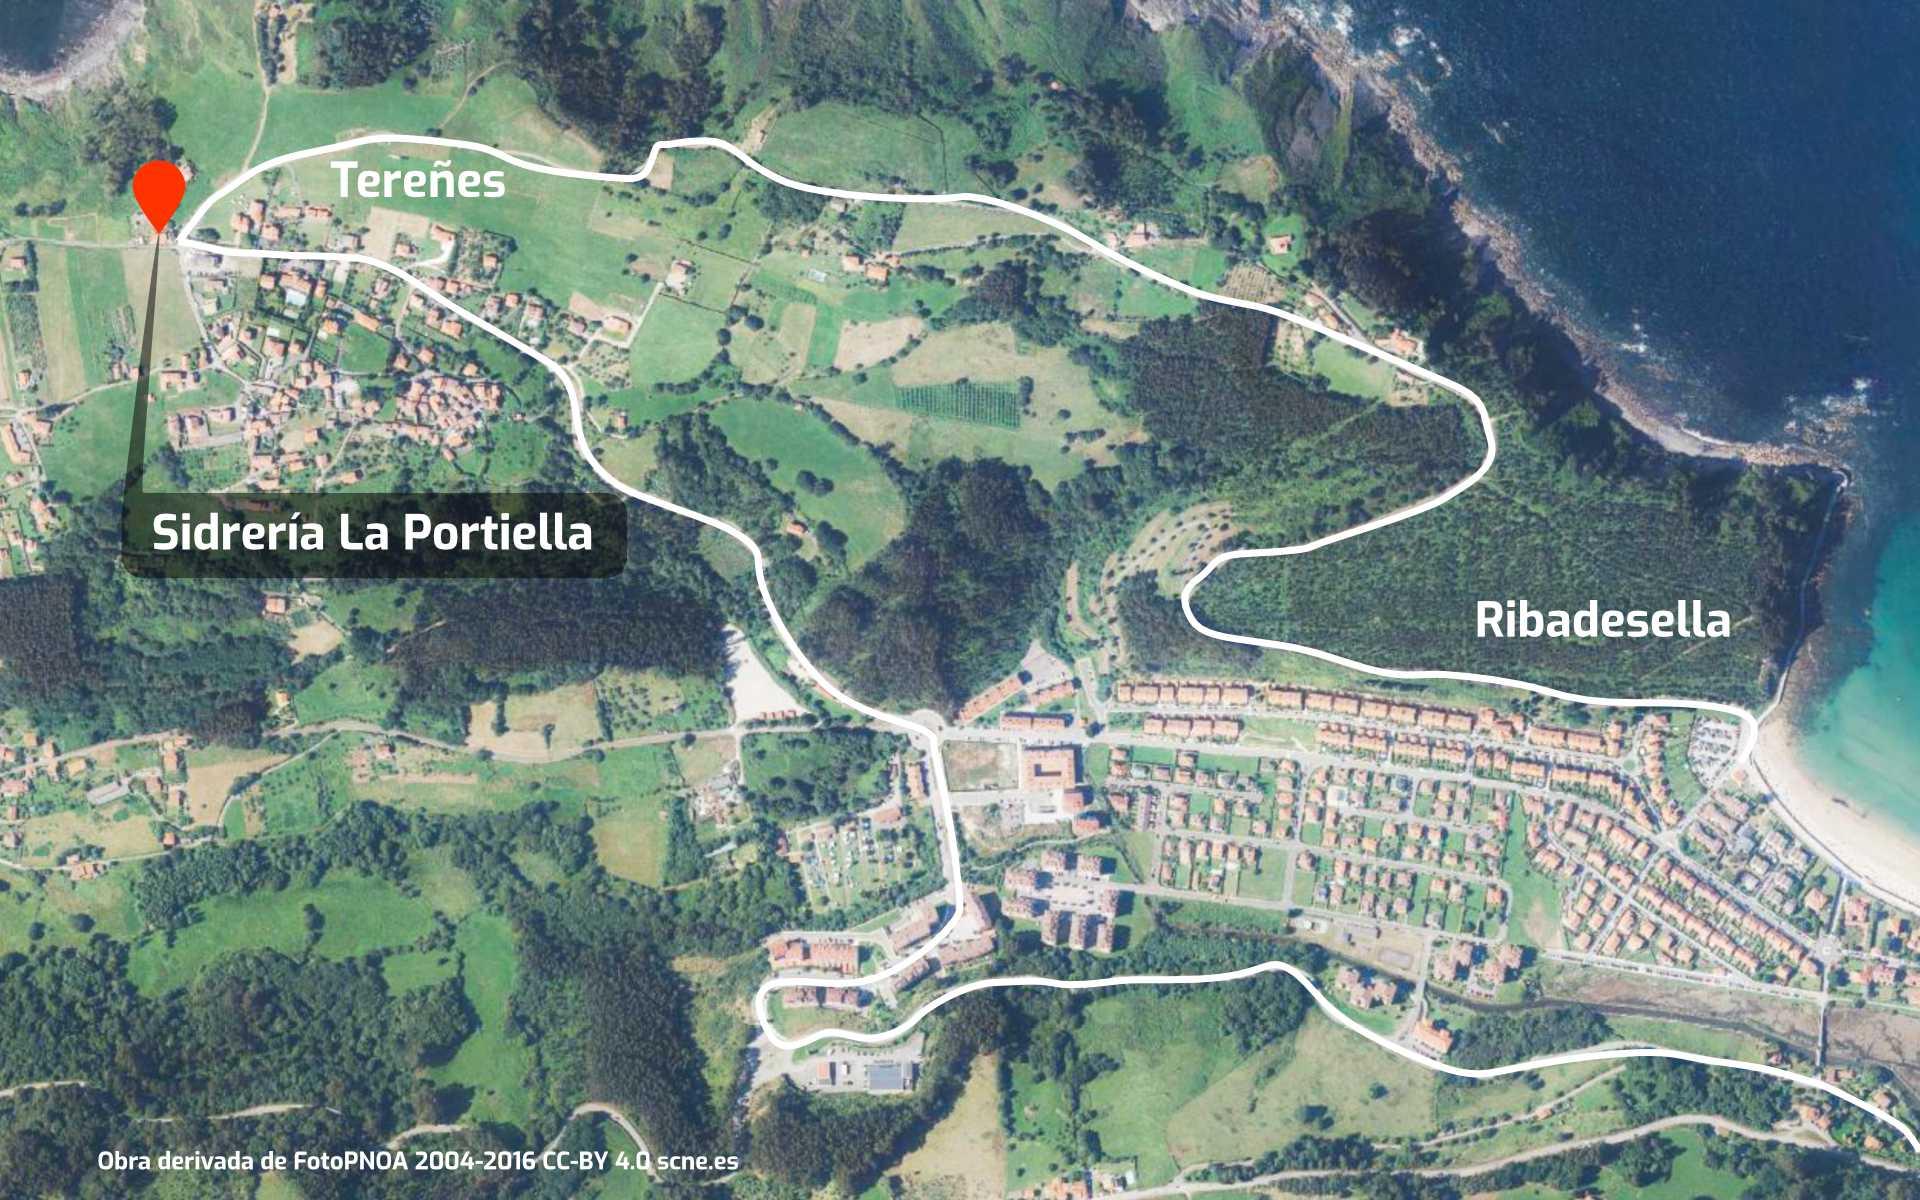 Mapa de cómo llegar a Tereñes desde Ribadesella para acceder a su yacimiento de icnitas con huellas de dinosaurio